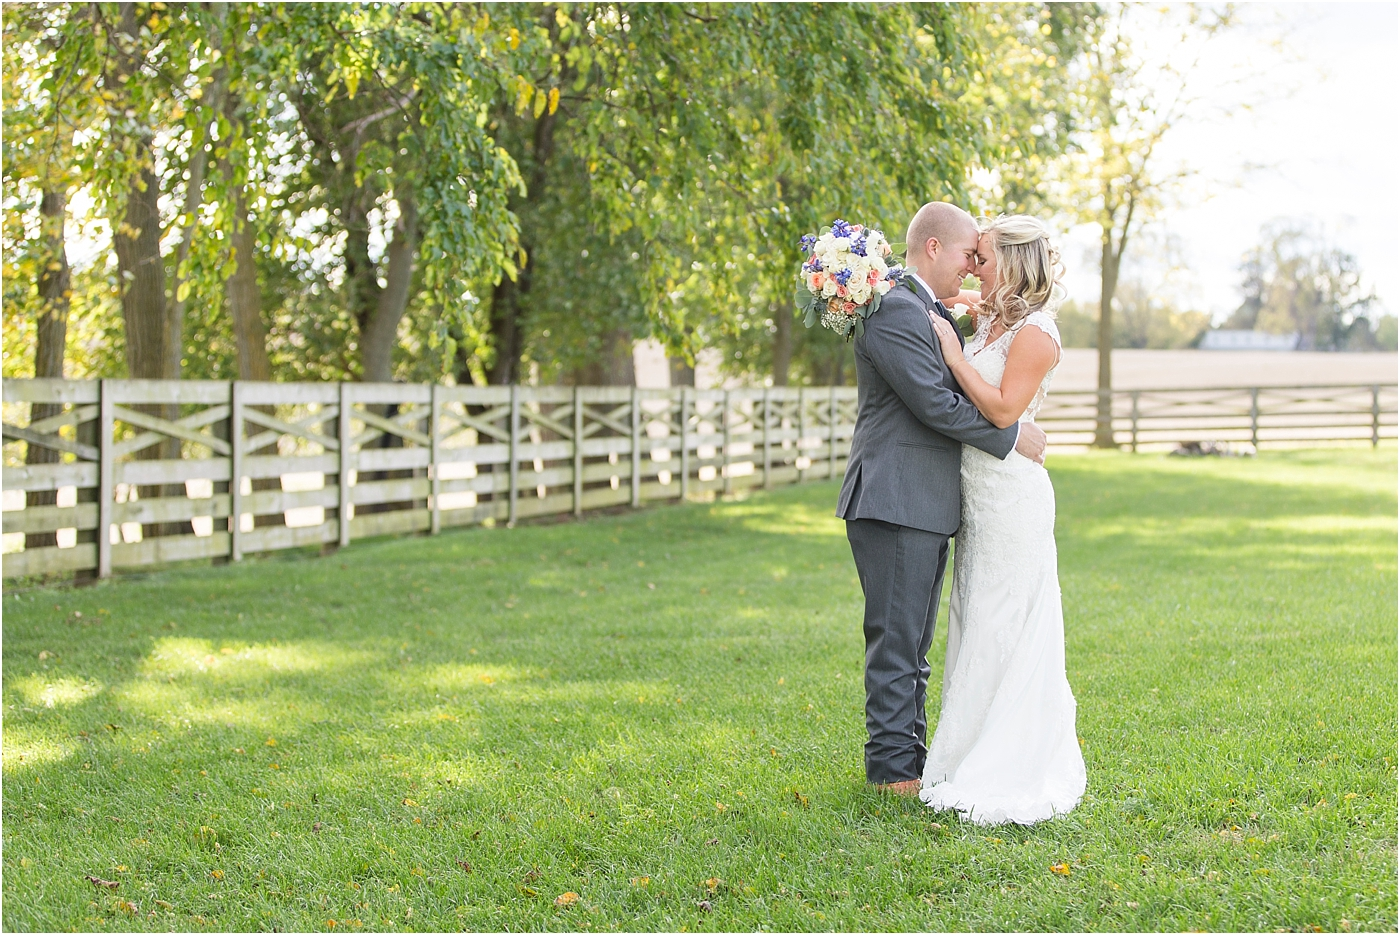 Walkers-Overlook-Wedding-43.jpg